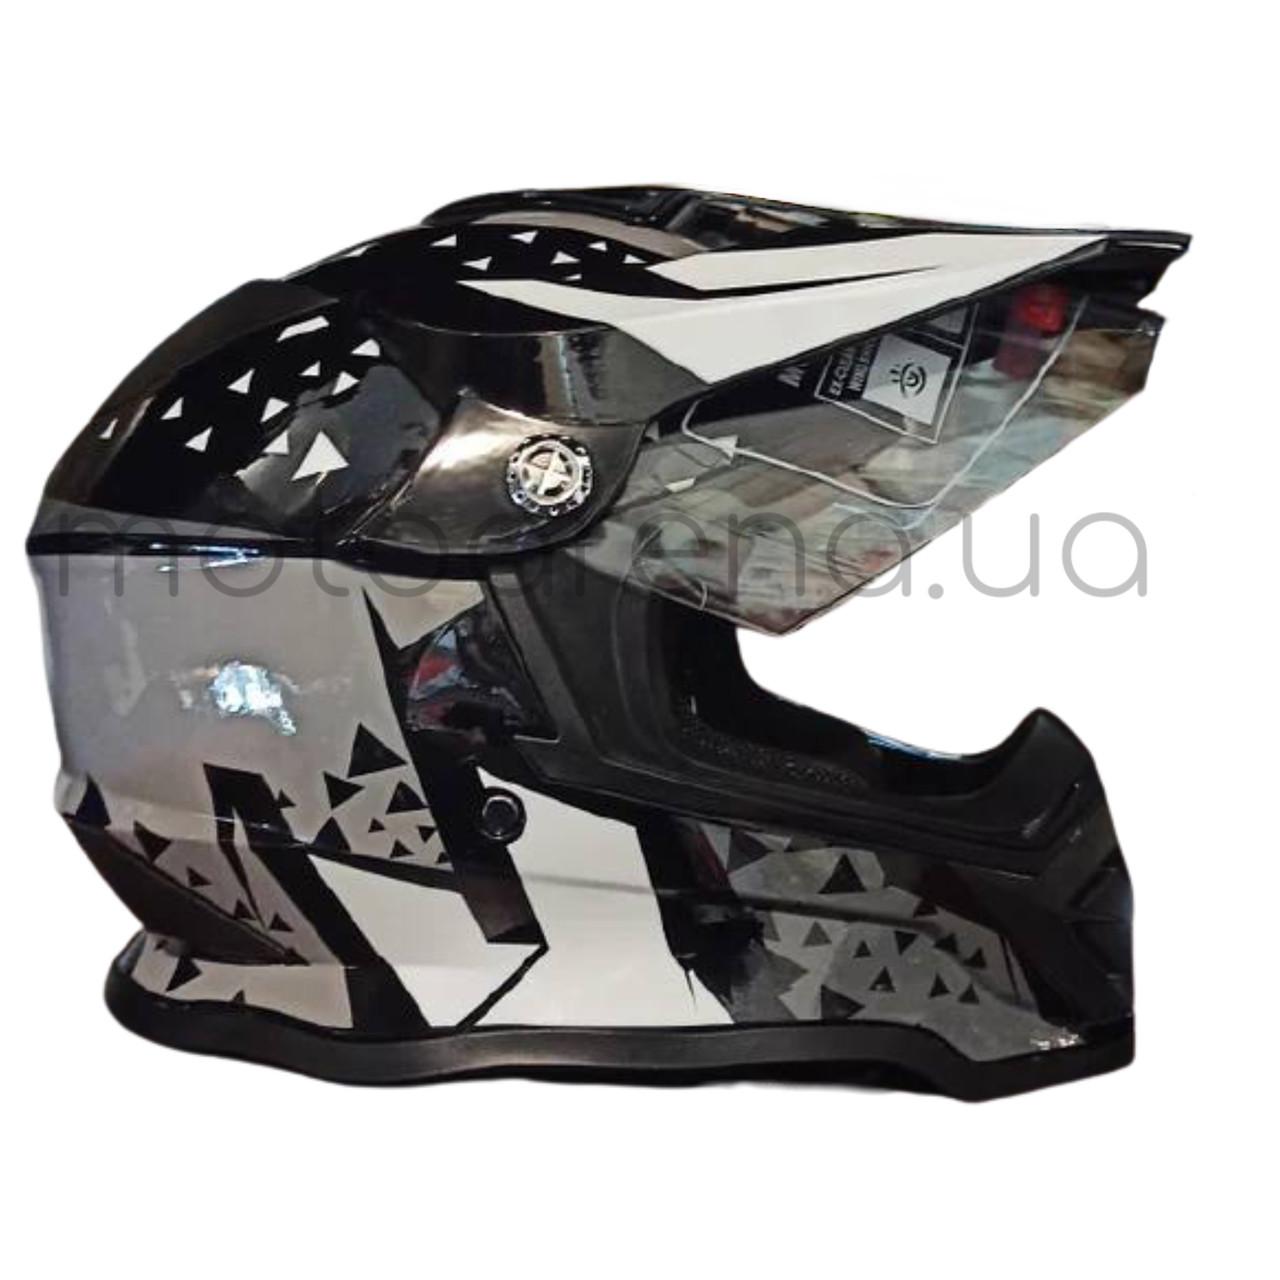 Шлем F2 кроссовый (чёрно-серый)